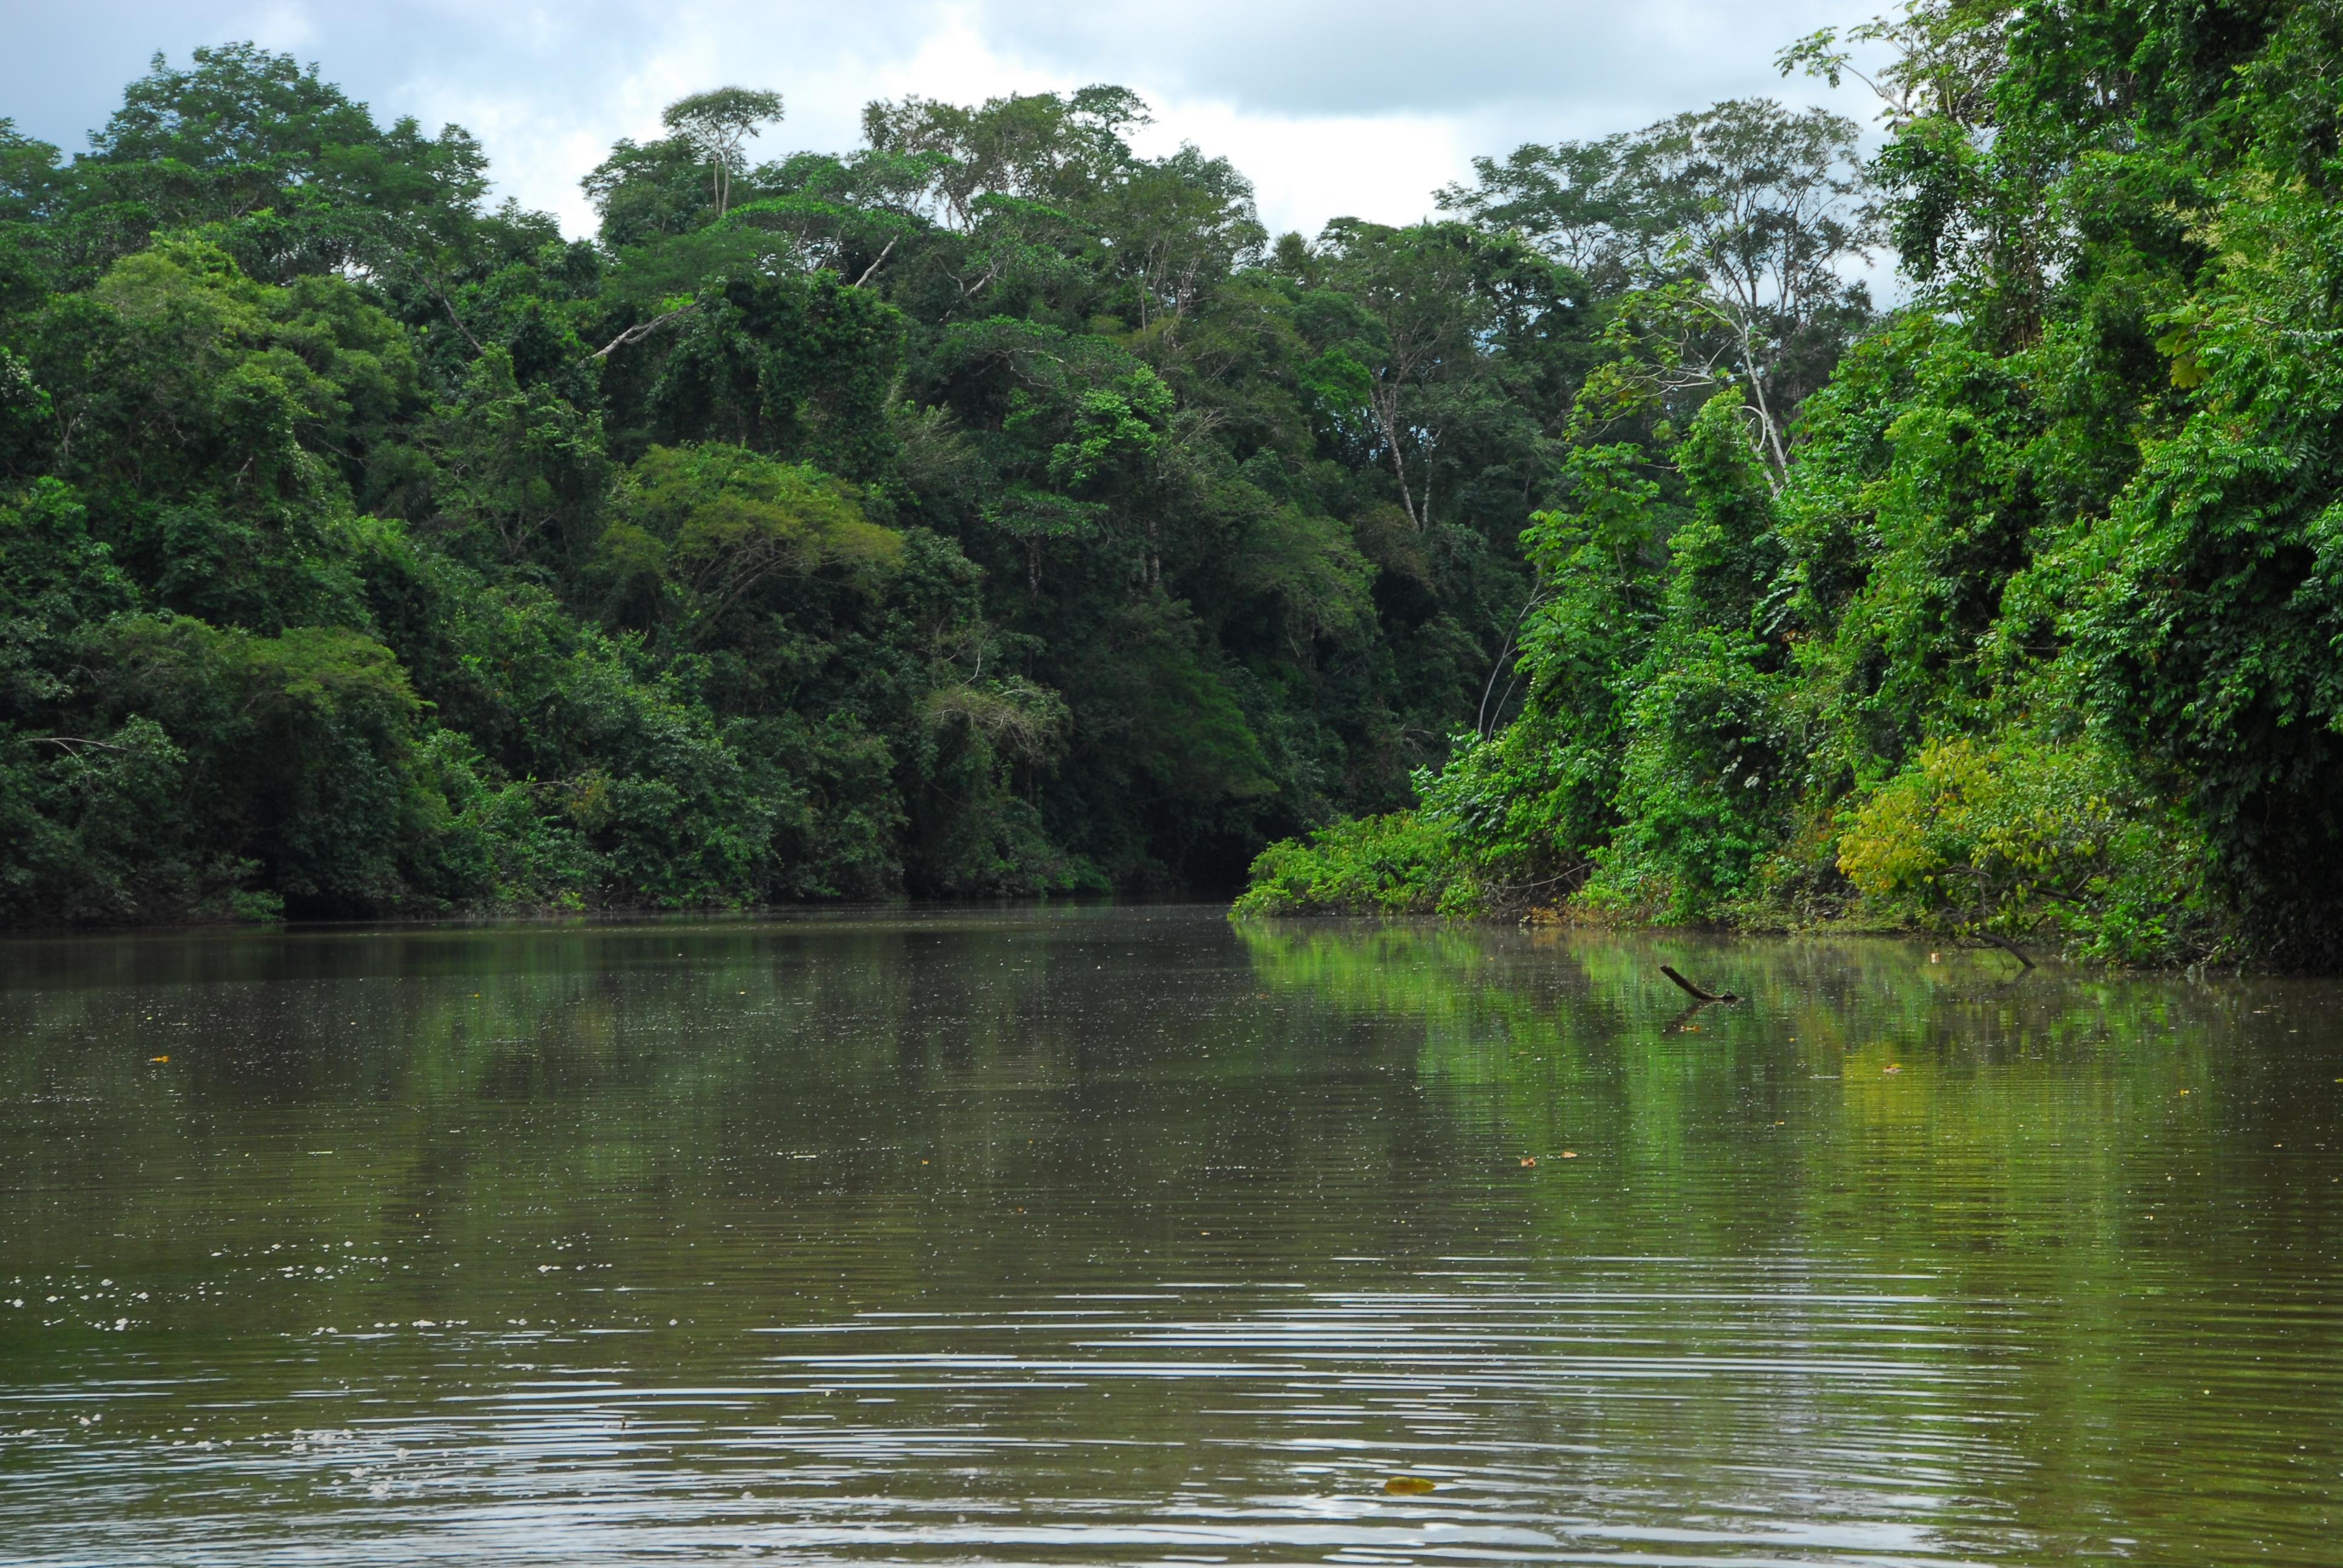 Meio Ambiente dá posse a 50 conselheiros das APAs Lago do Amapá e Igarapé São Francisco